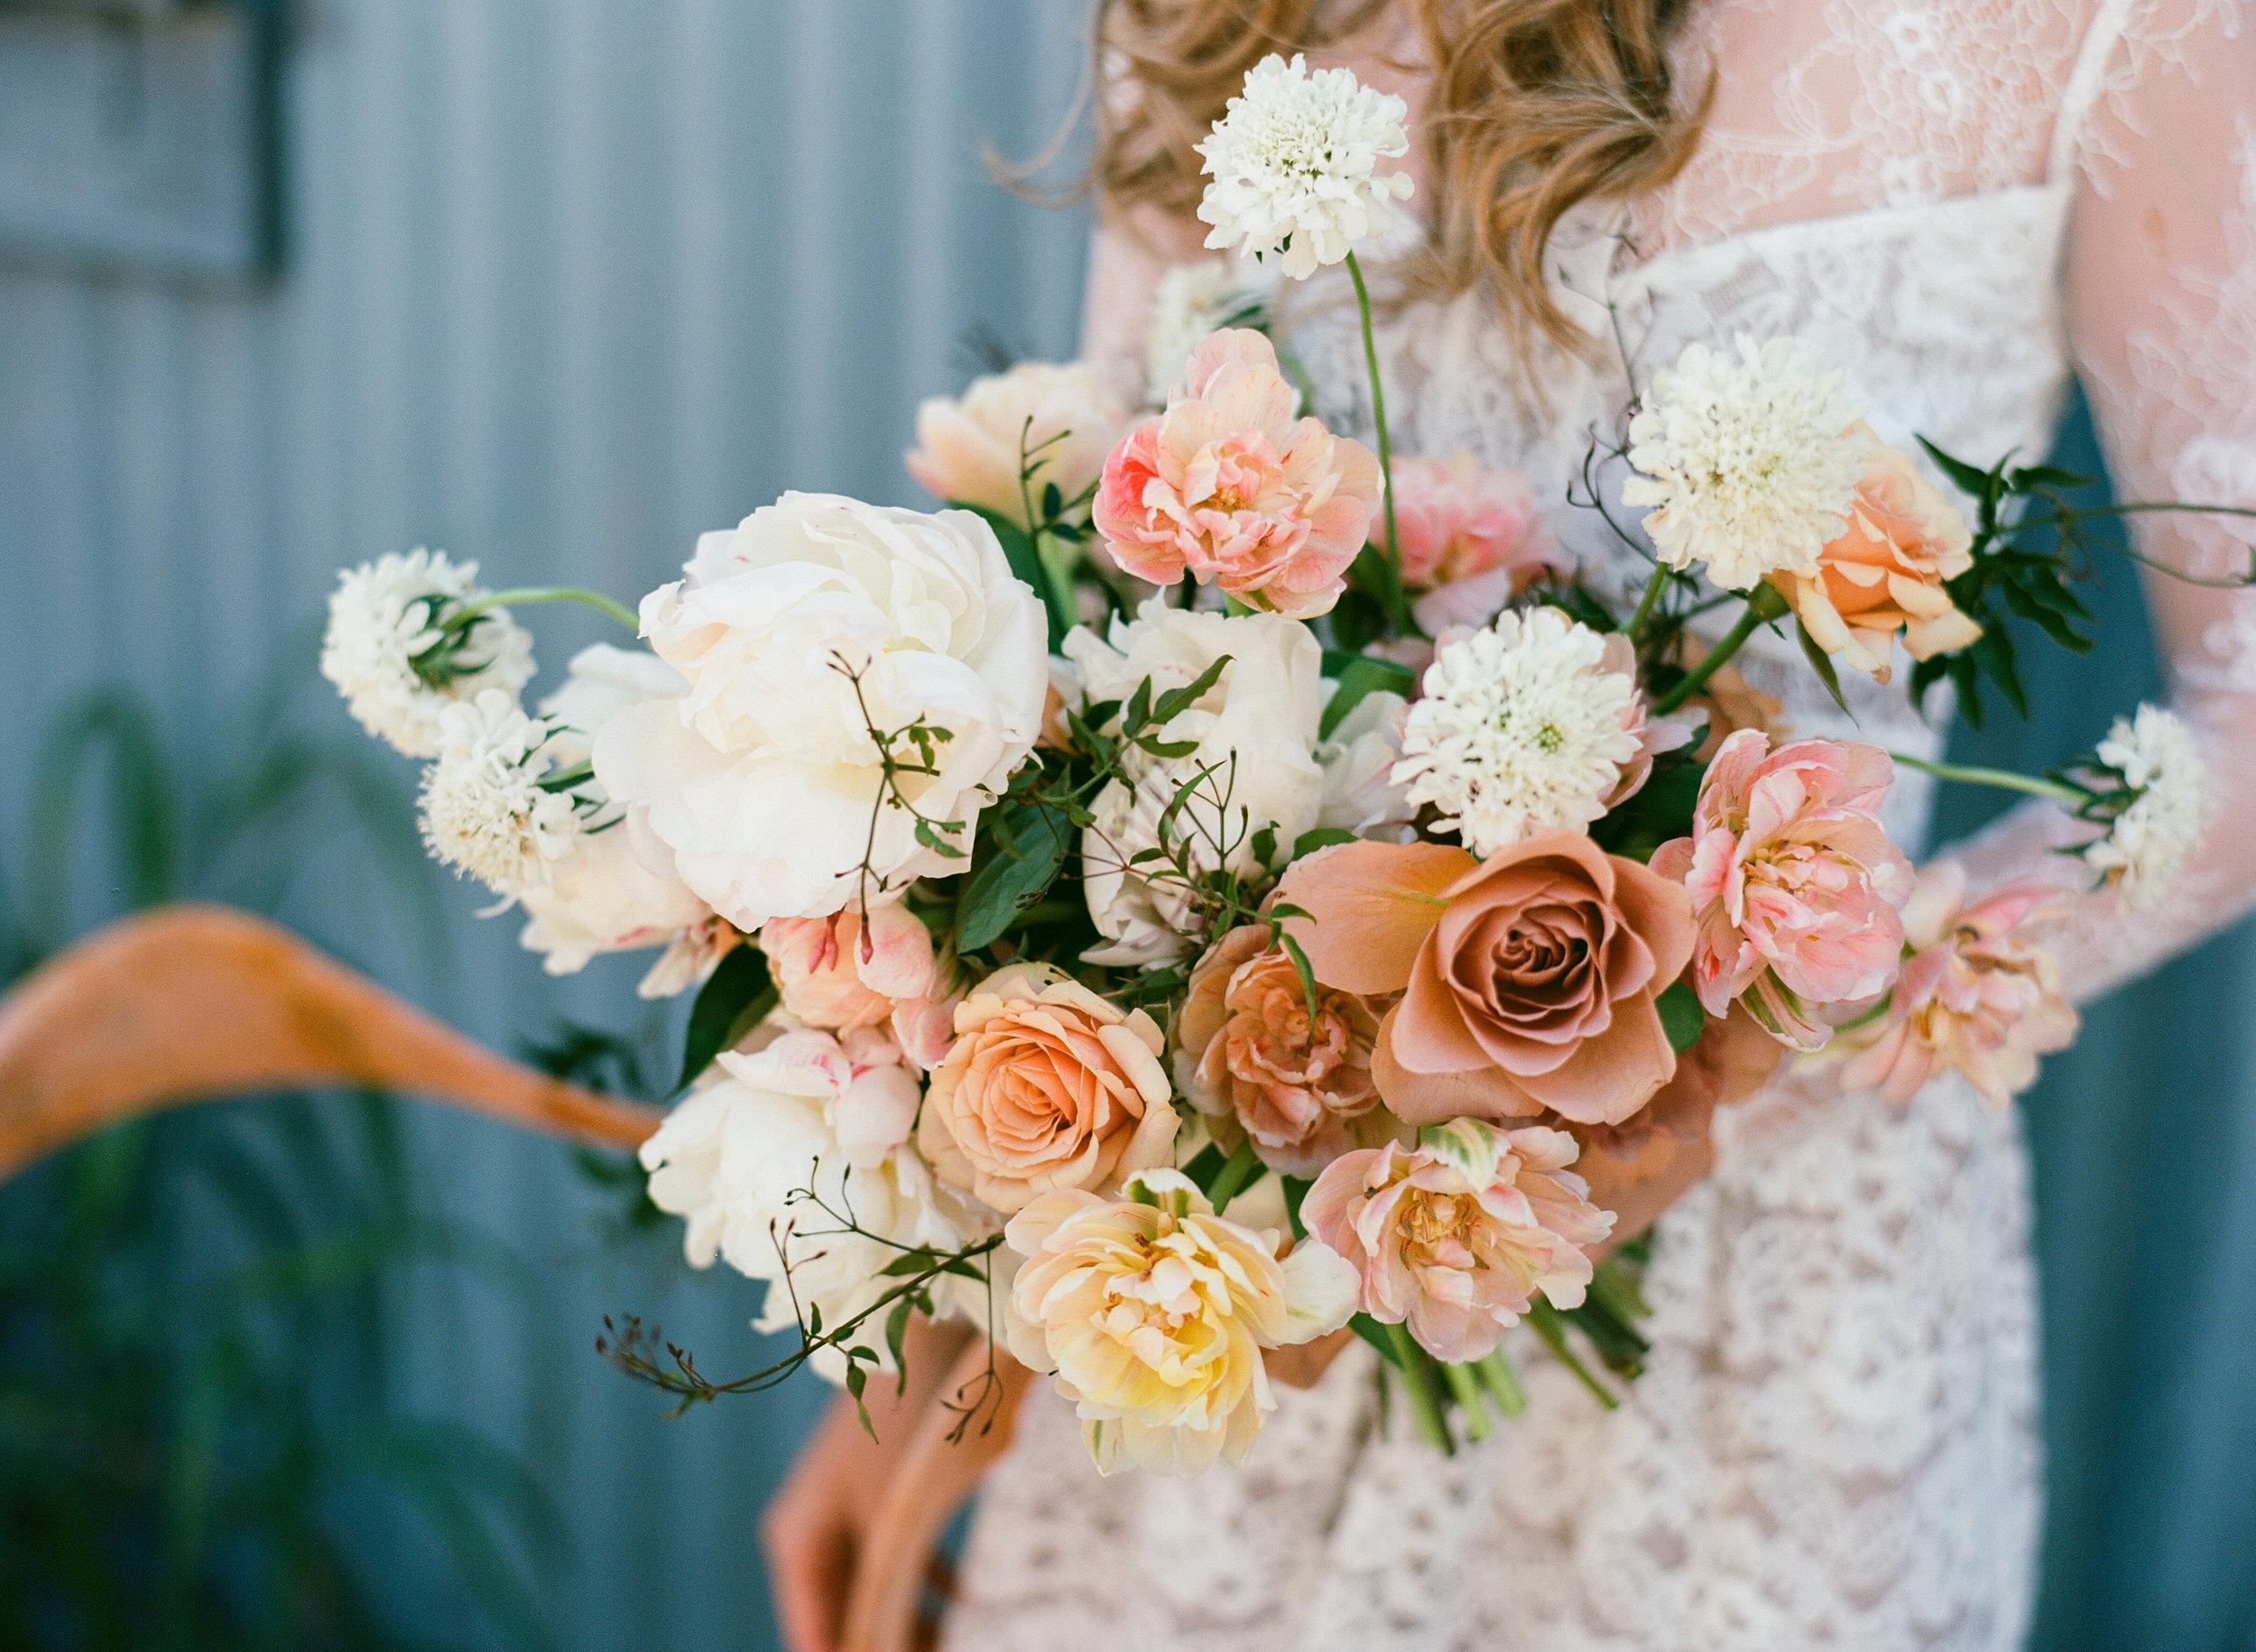 moonstruck_florals_tallahassee_wedding_florist_pink_bouquet.jpg